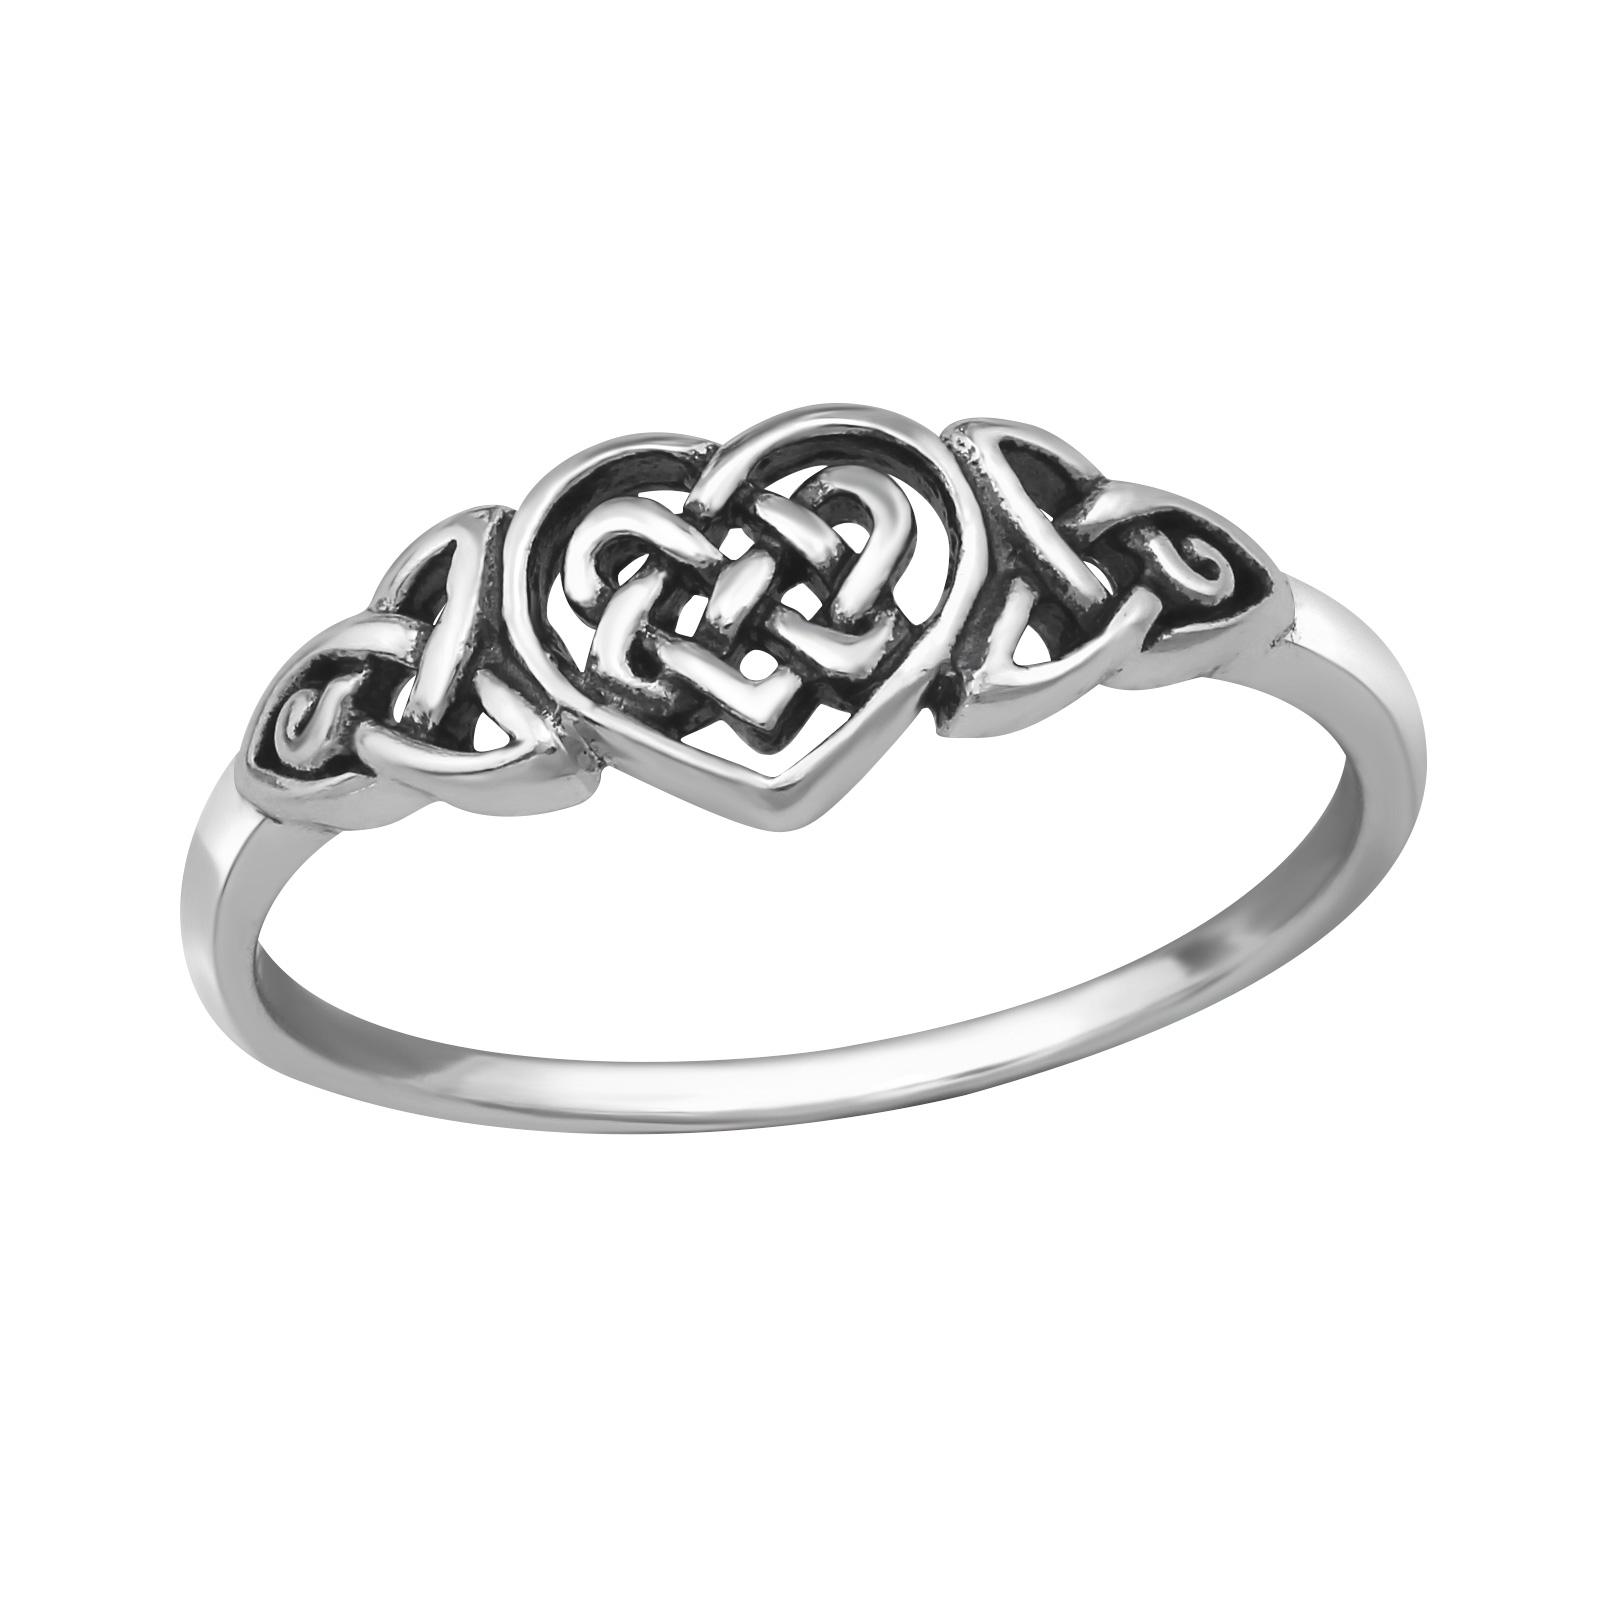 OLIVIE - stříbrný prsten 0202 Velikost: 8 (EU: 57 - 58)